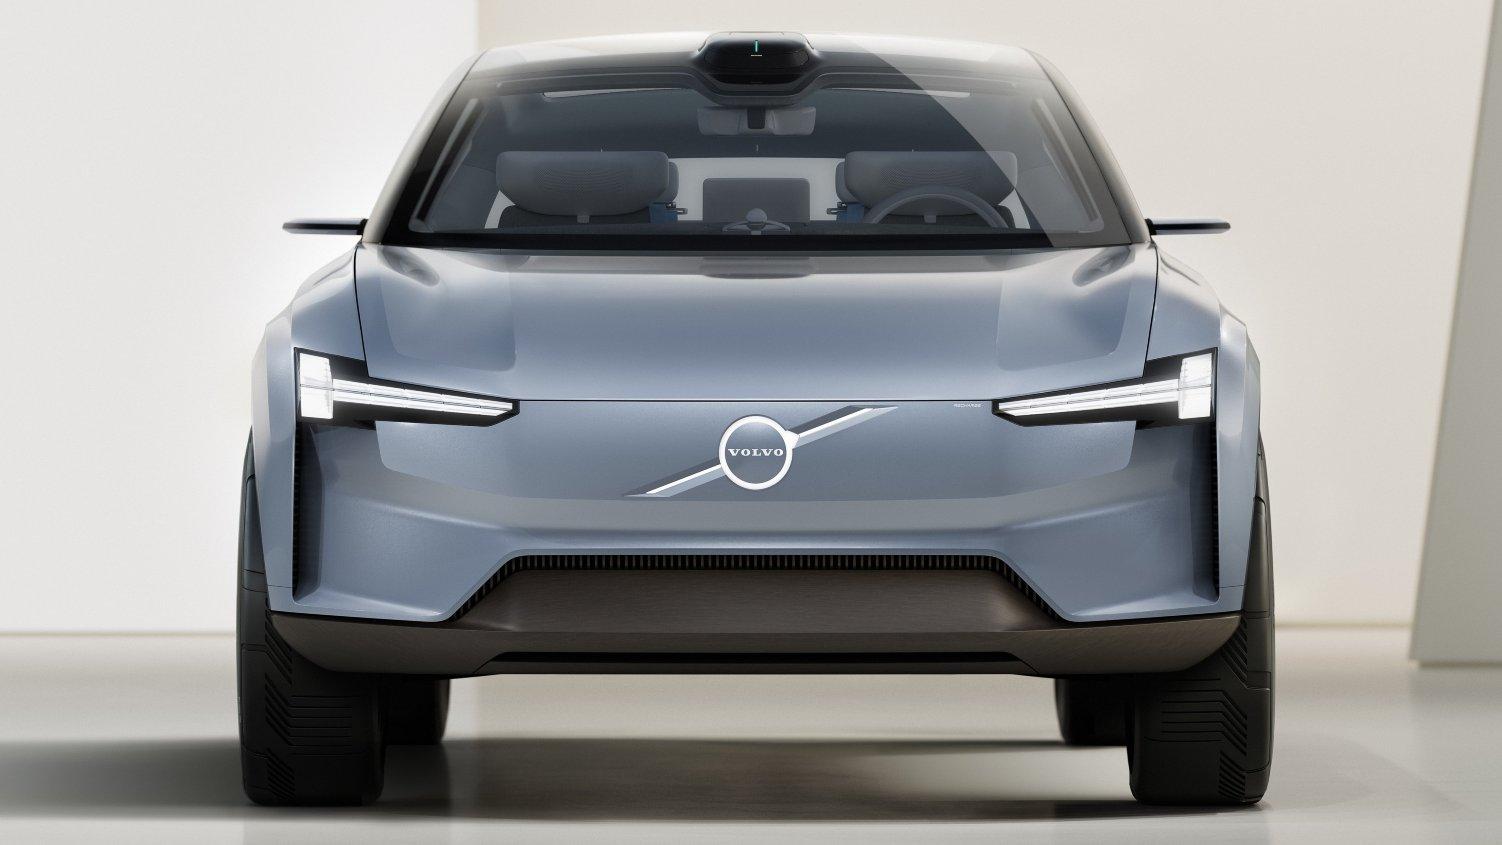 Volvo Dévoile Ses Futurs Projets Ev : Objectif D'autonomie De